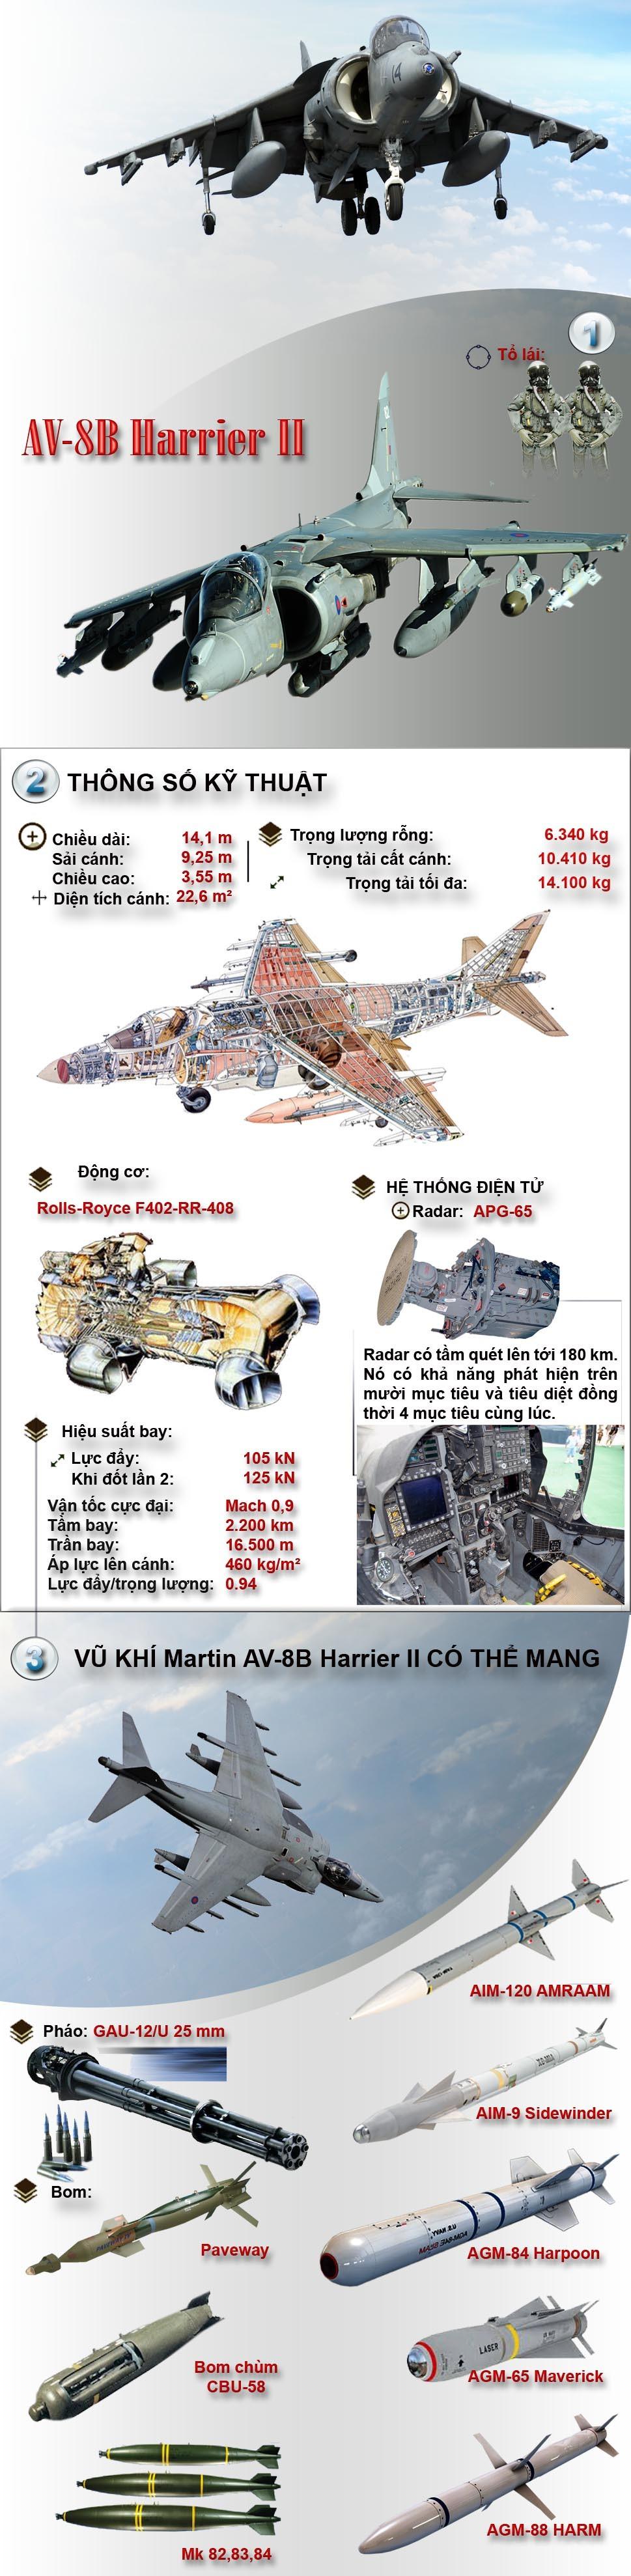 [Infographic] Sức mạnh tiêm kích cất-hạ cánh thẳng đứng nổi tiếng AV-8B Harrier II ảnh 1